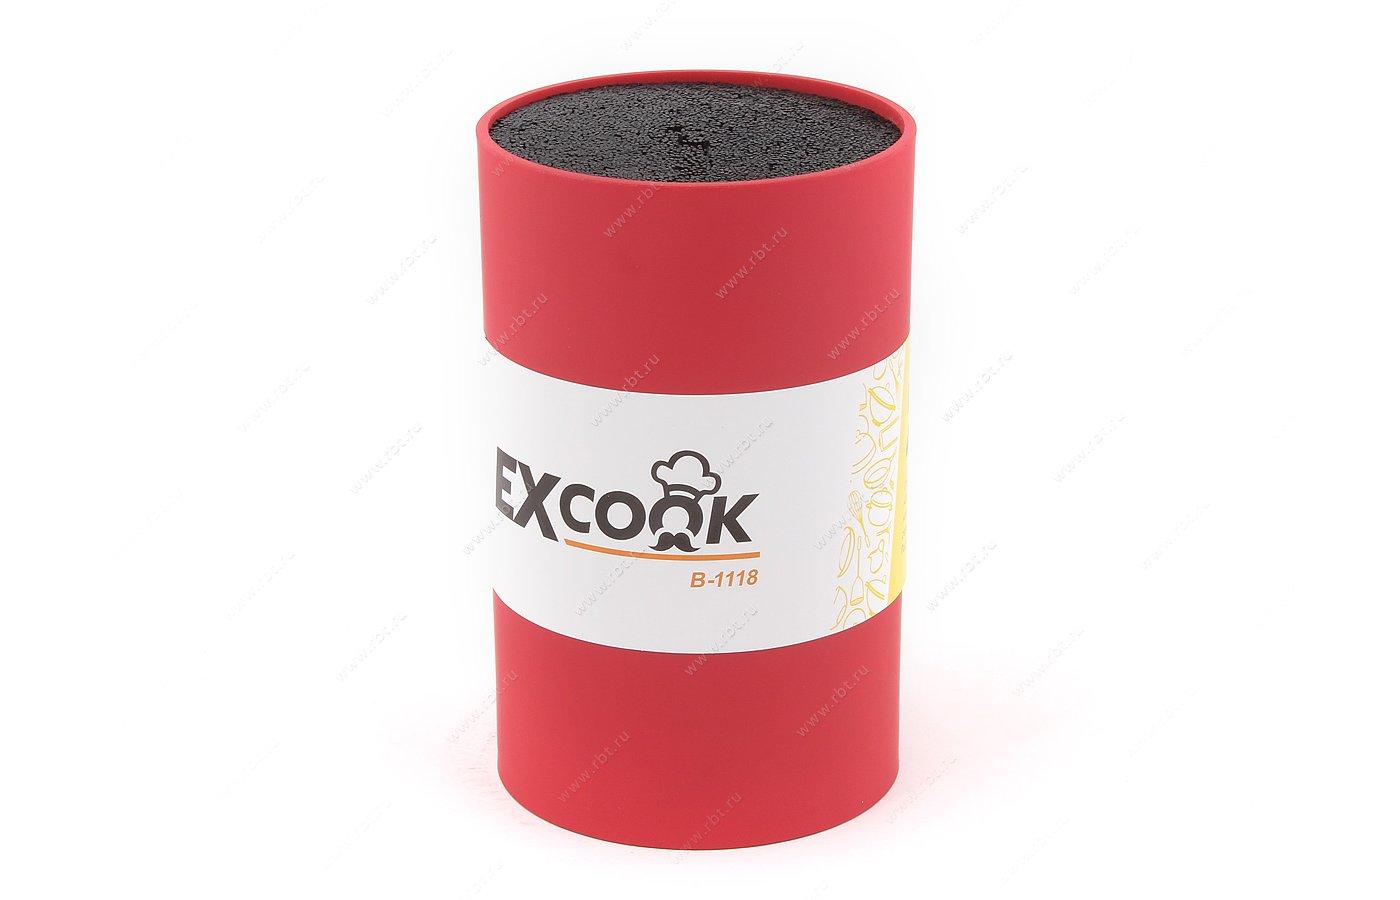 Набор ножей EXCOOK B-1118 Red Подставка для ножей